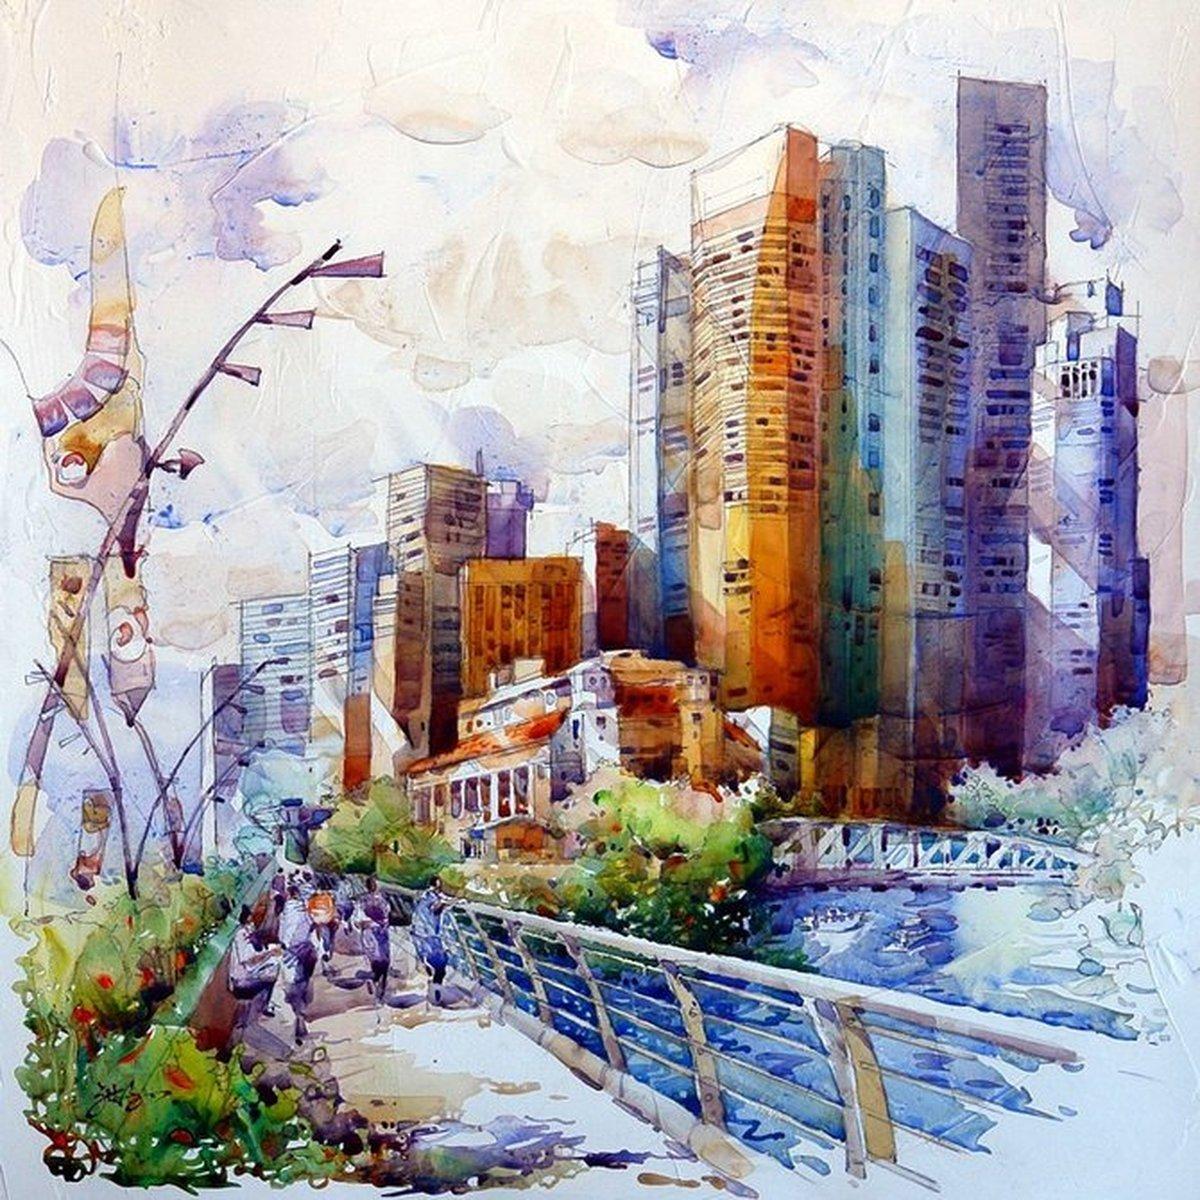 англичанин интересен акварель города картинки этом проекте взял